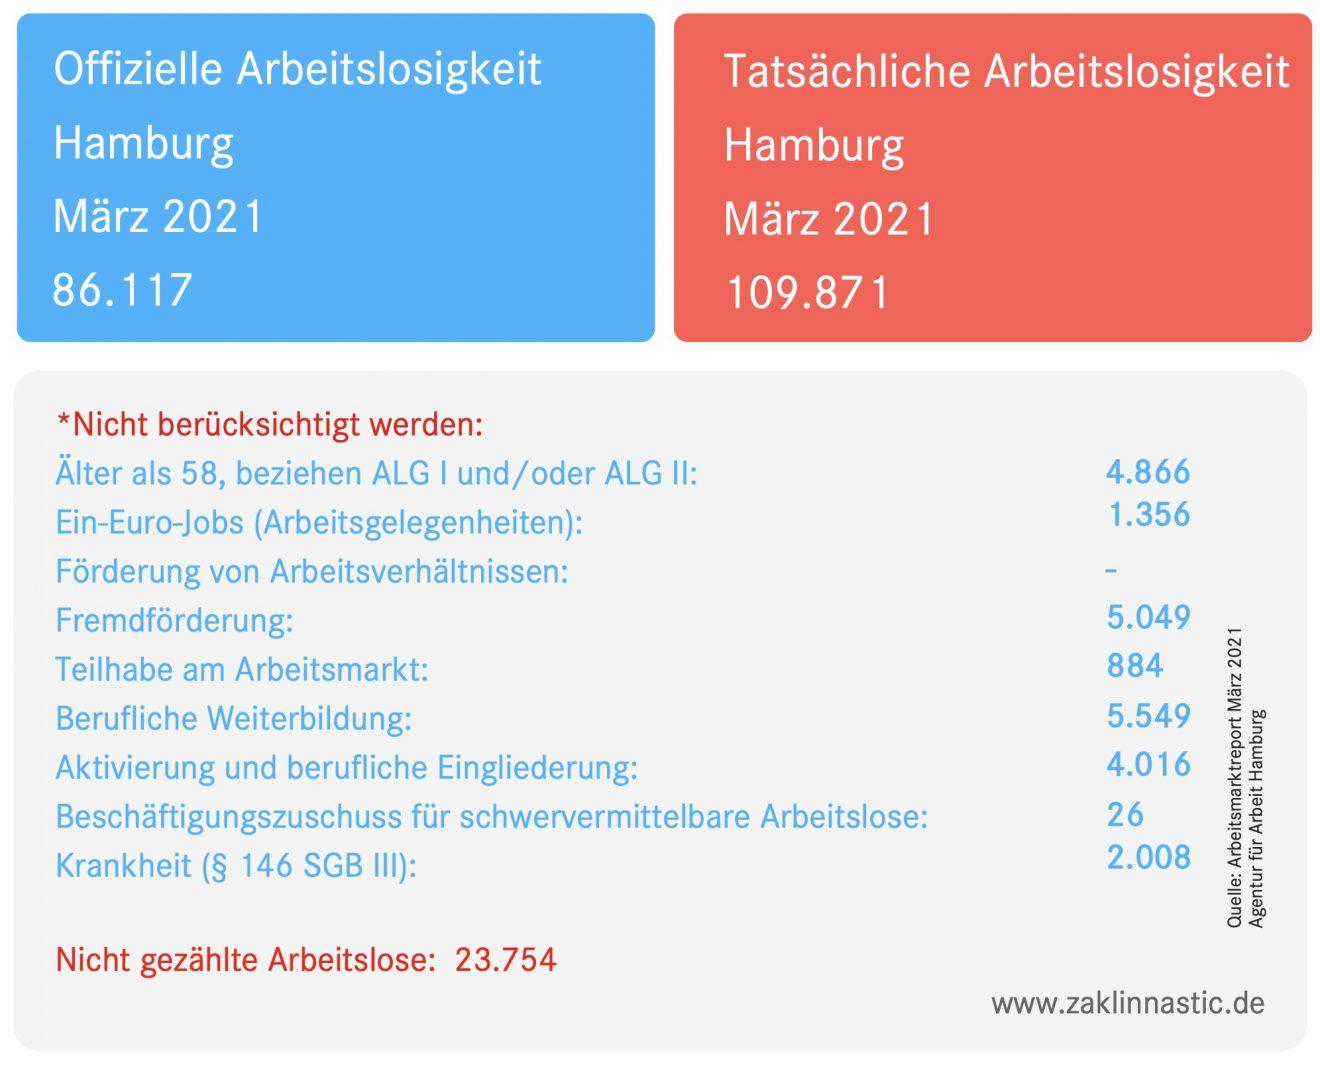 Bildschirmfoto 2021-04-07 um 09.41.32